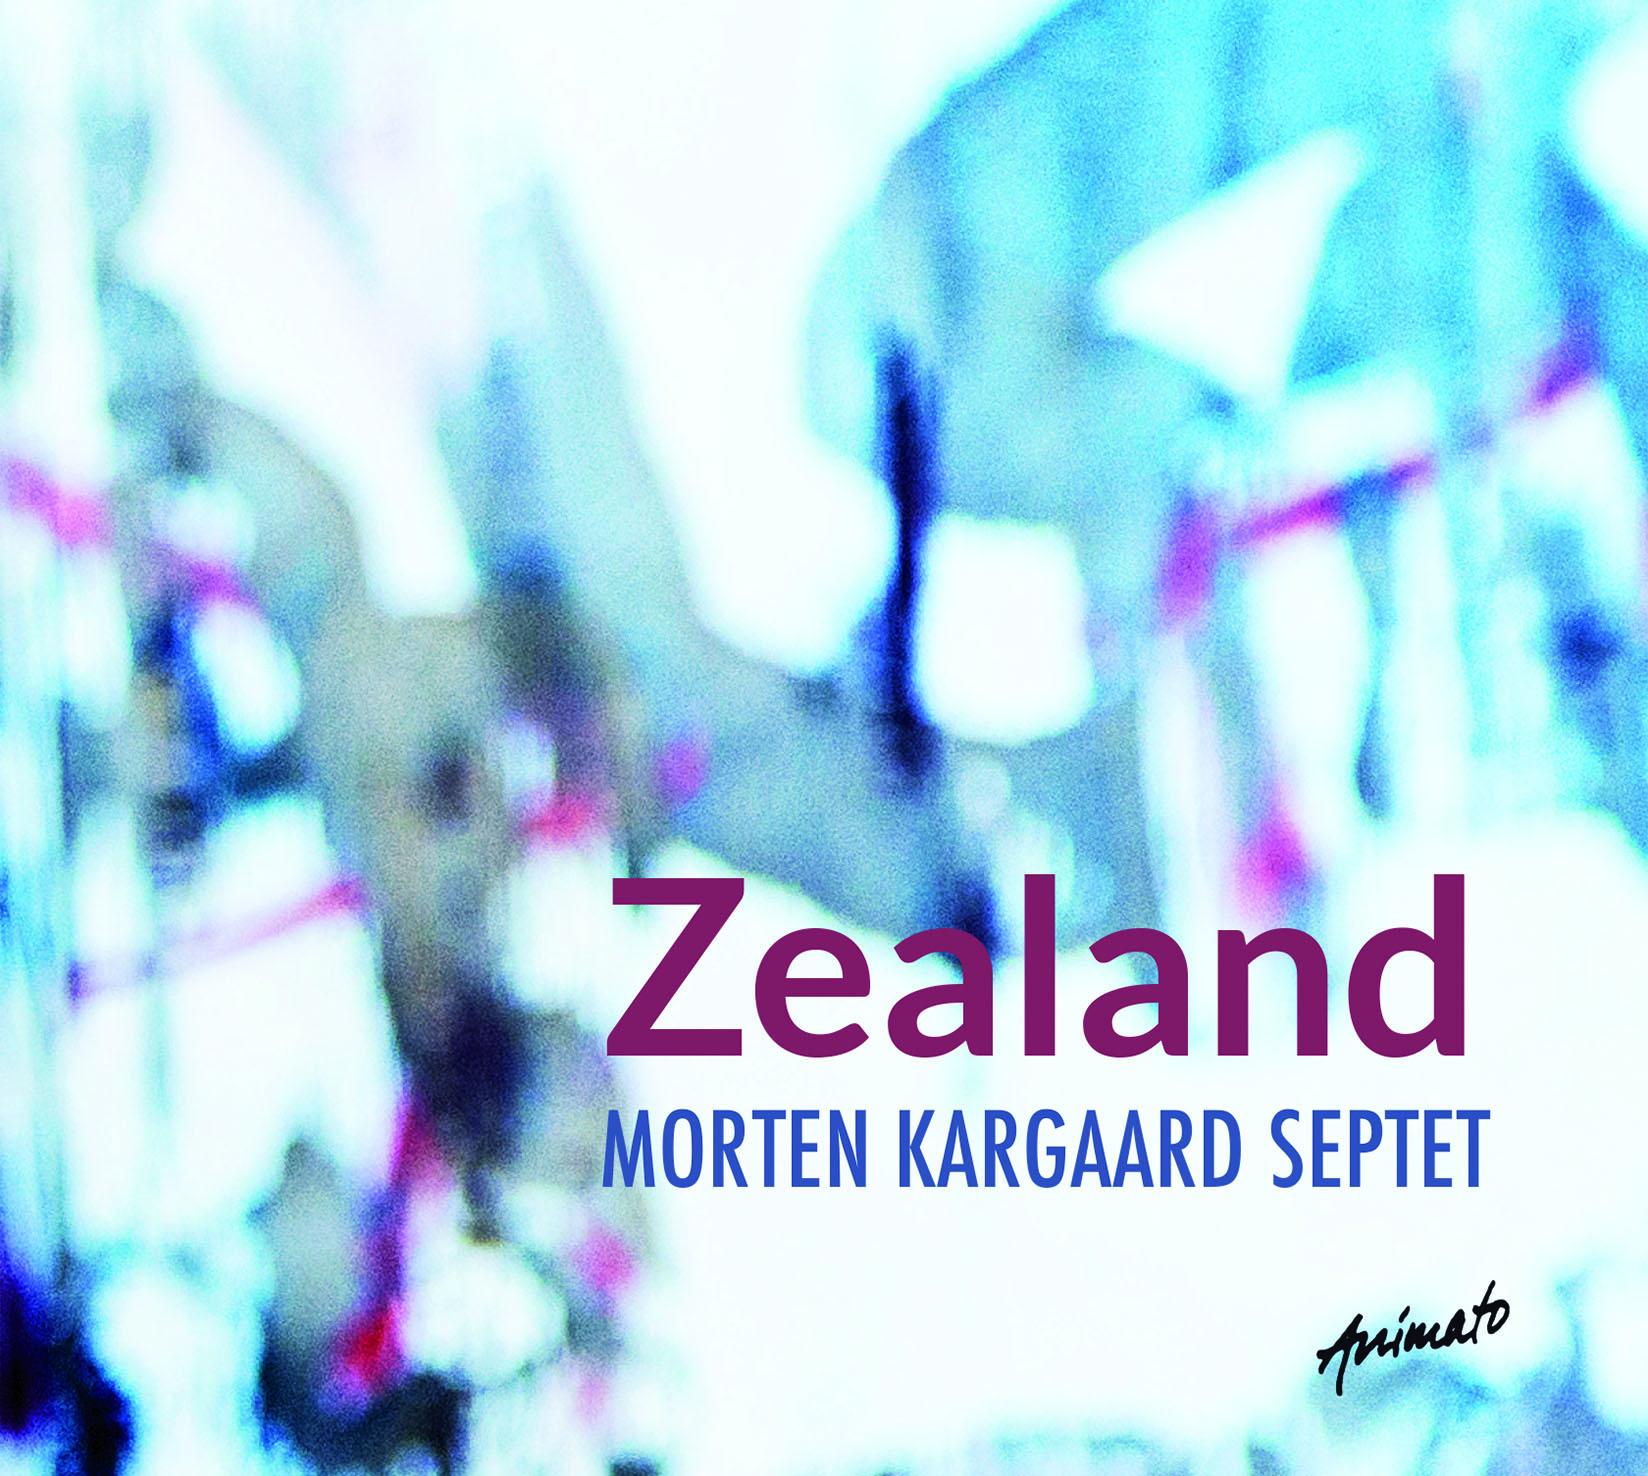 Morte Release Form | Morten Kargaard Septet Services For Music